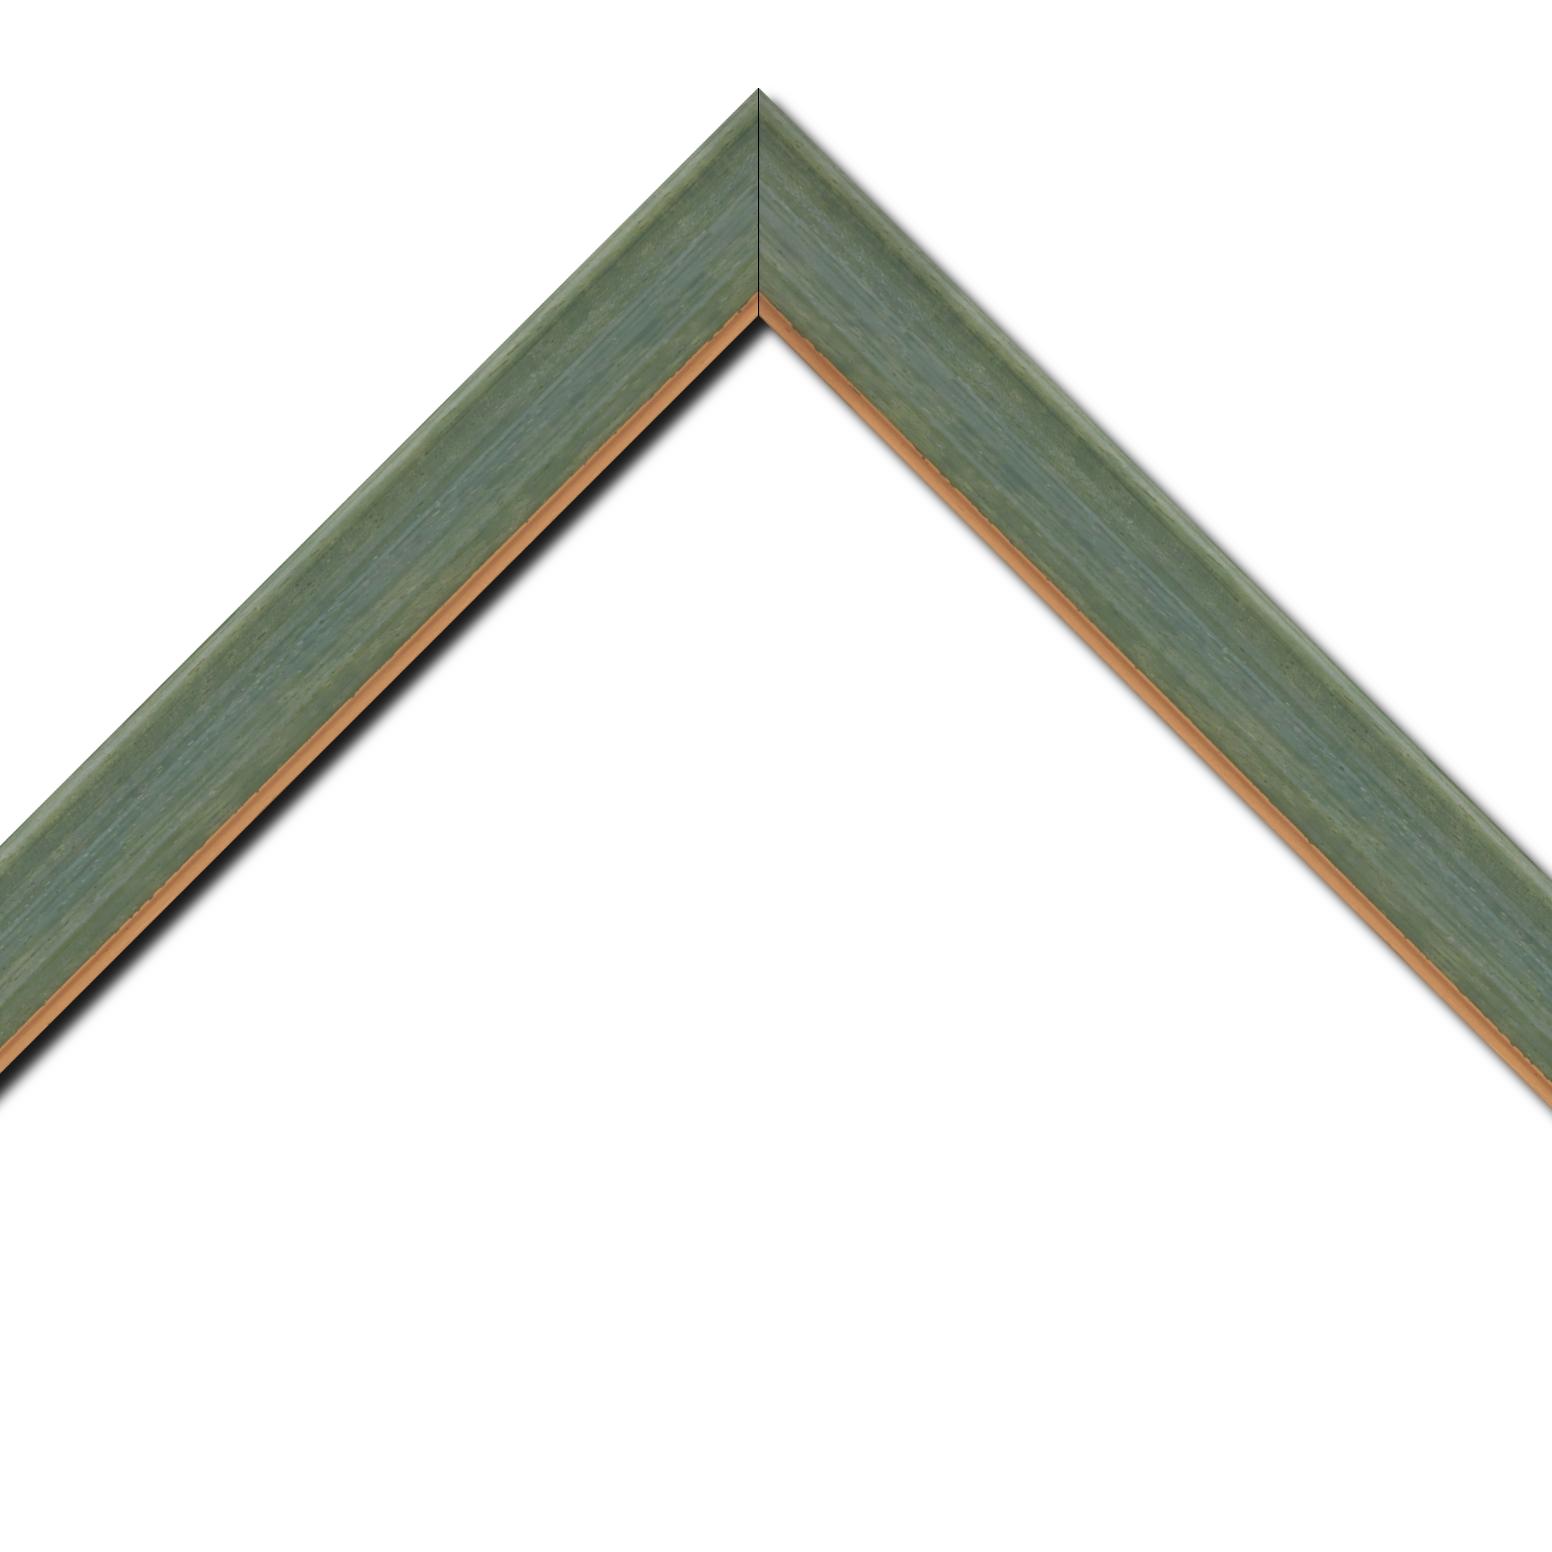 Baguette bois profil incurvé largeur 3.9cm couleur vert amande satiné filet or